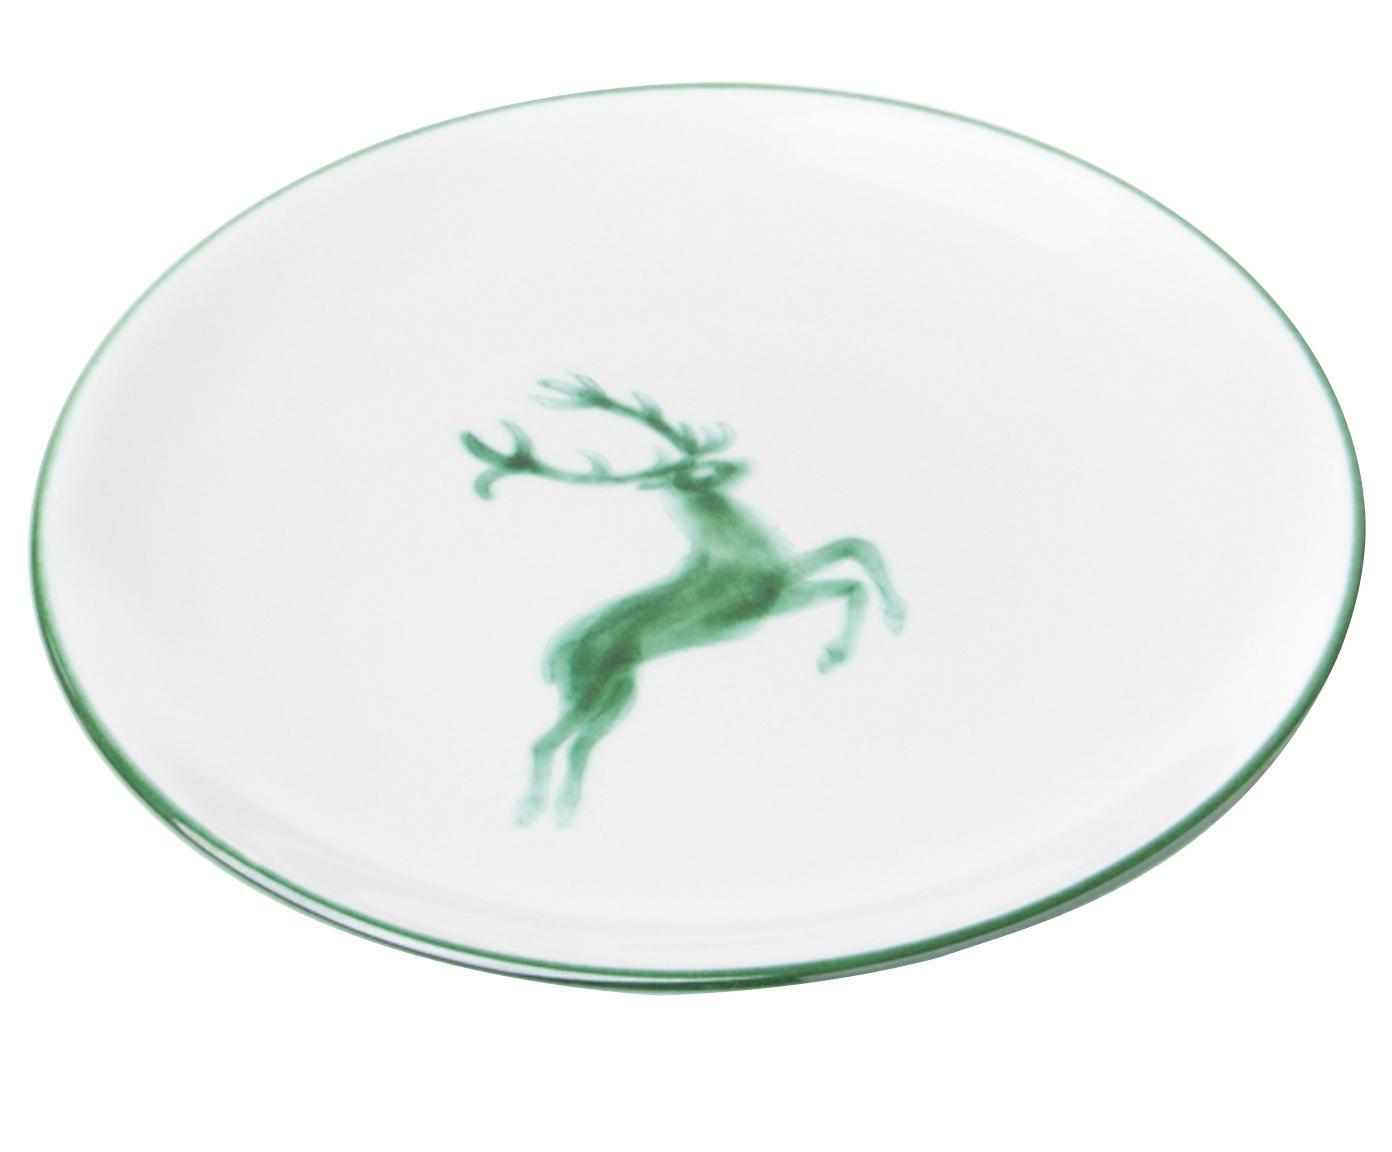 Piatto da dessert Classic Grüner Hirsch, Ceramica, Verde, bianco, Ø 20 cm